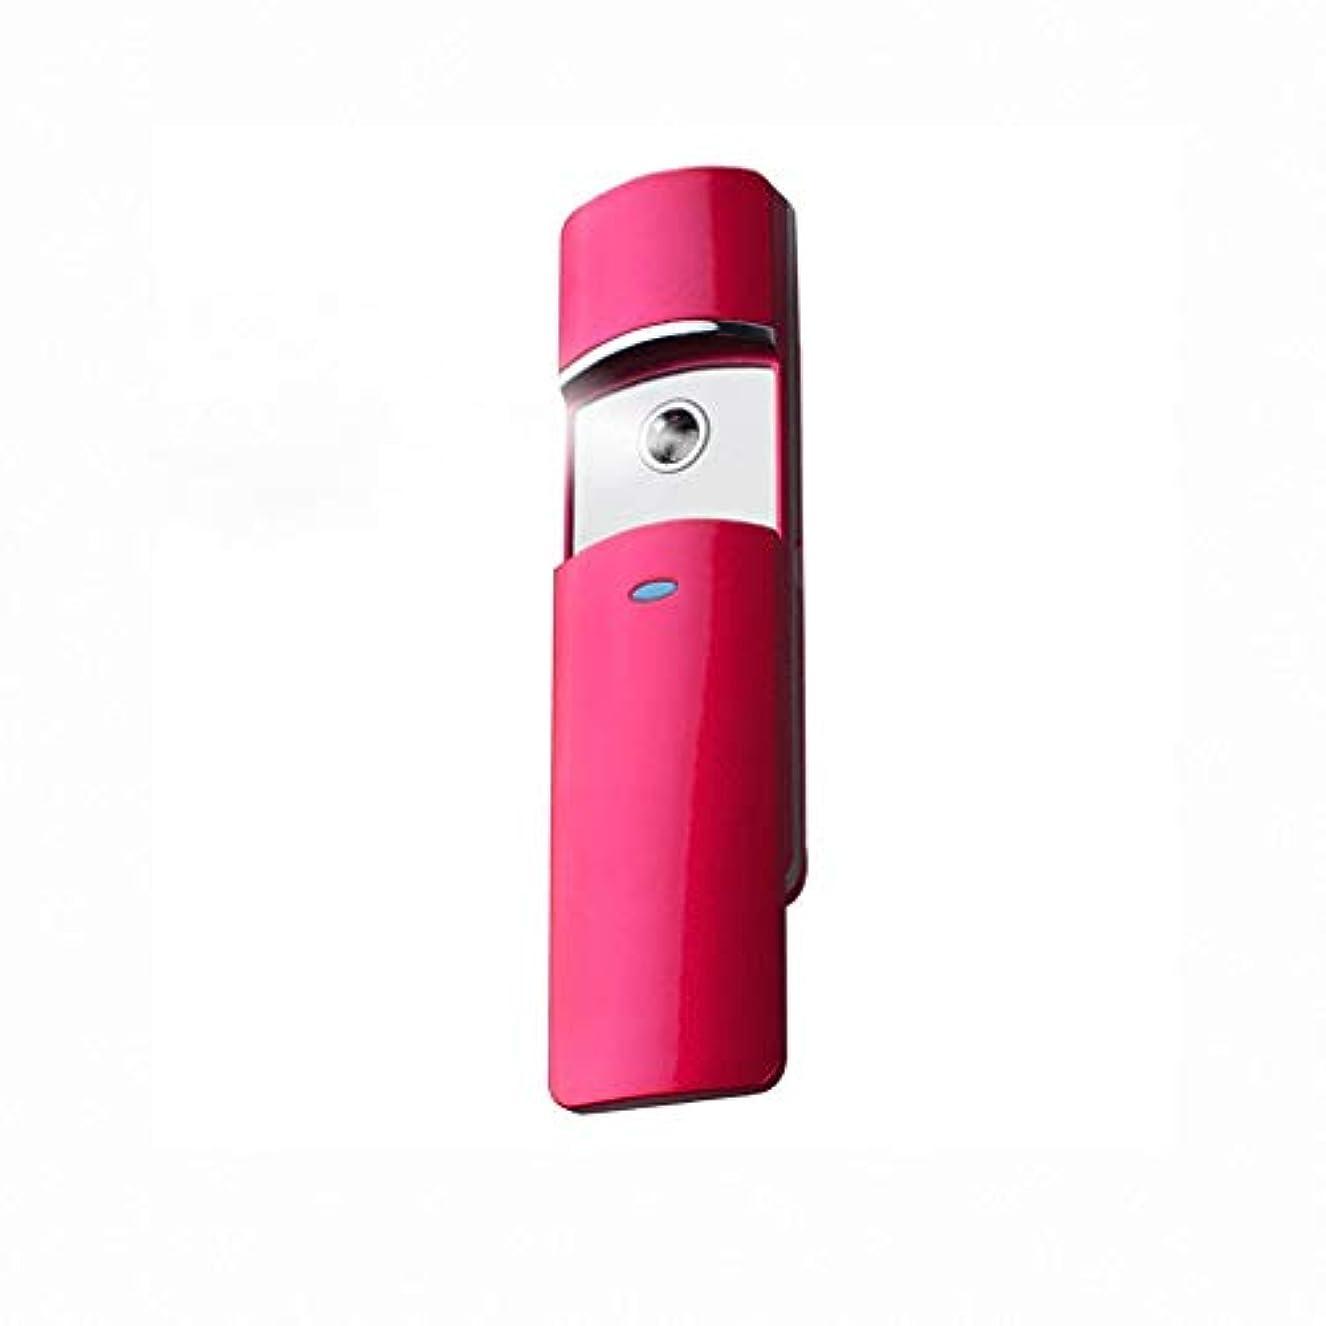 噴霧器usb充電式ポータブルフェイシャルスプレー用スキンケアメイクアップまつげエクステンションポータブル抗アレルギースチーマー充電器